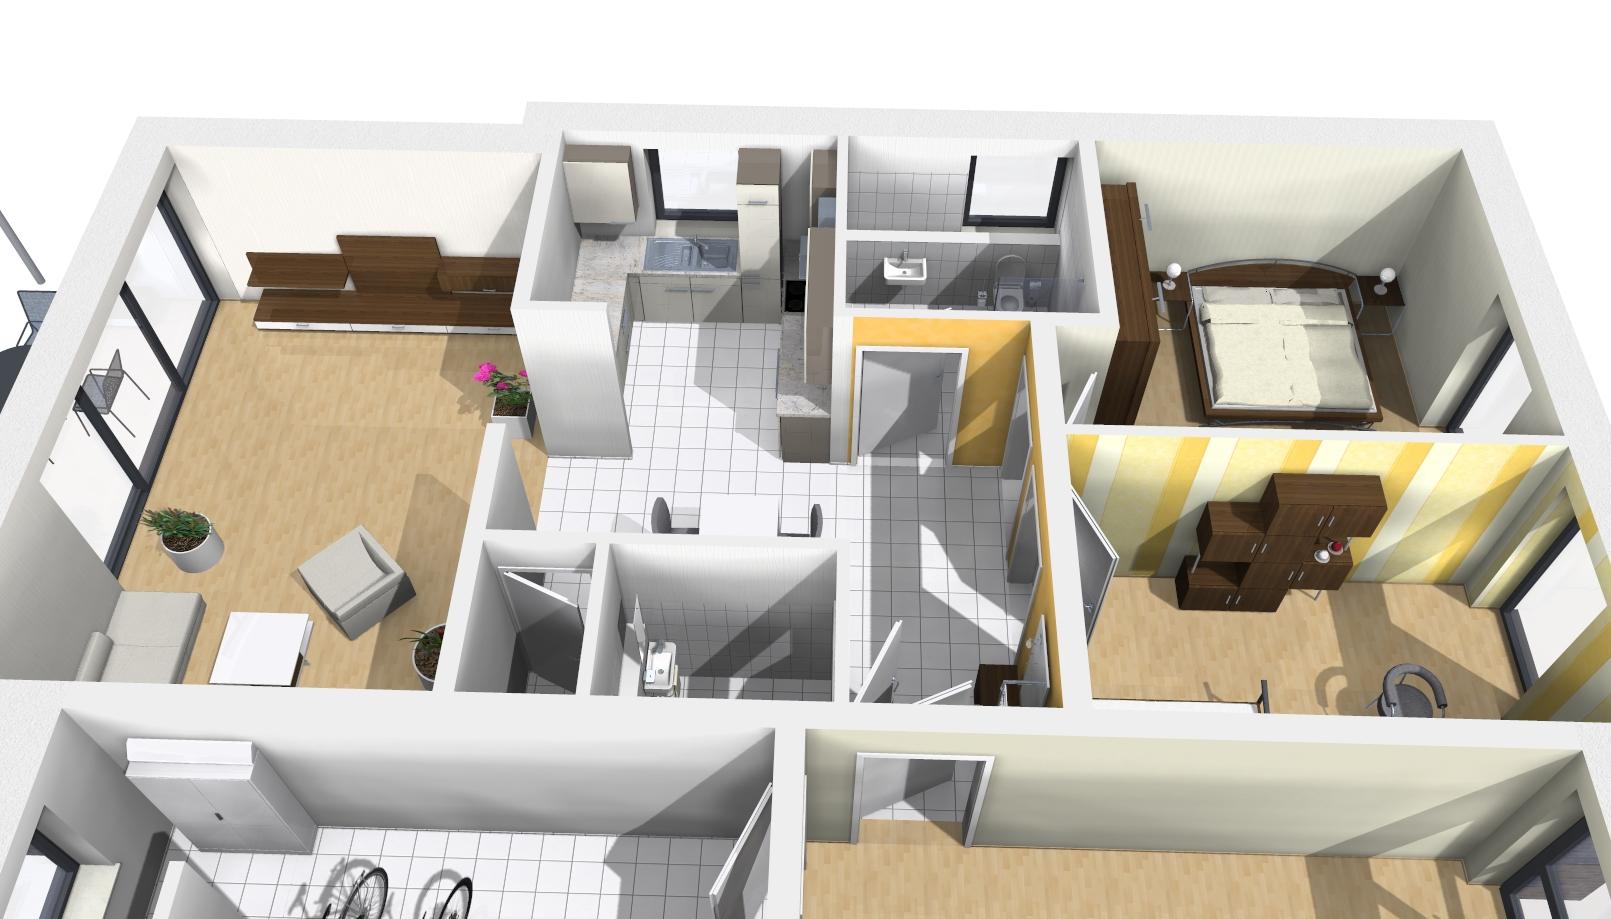 Wohnung_3D